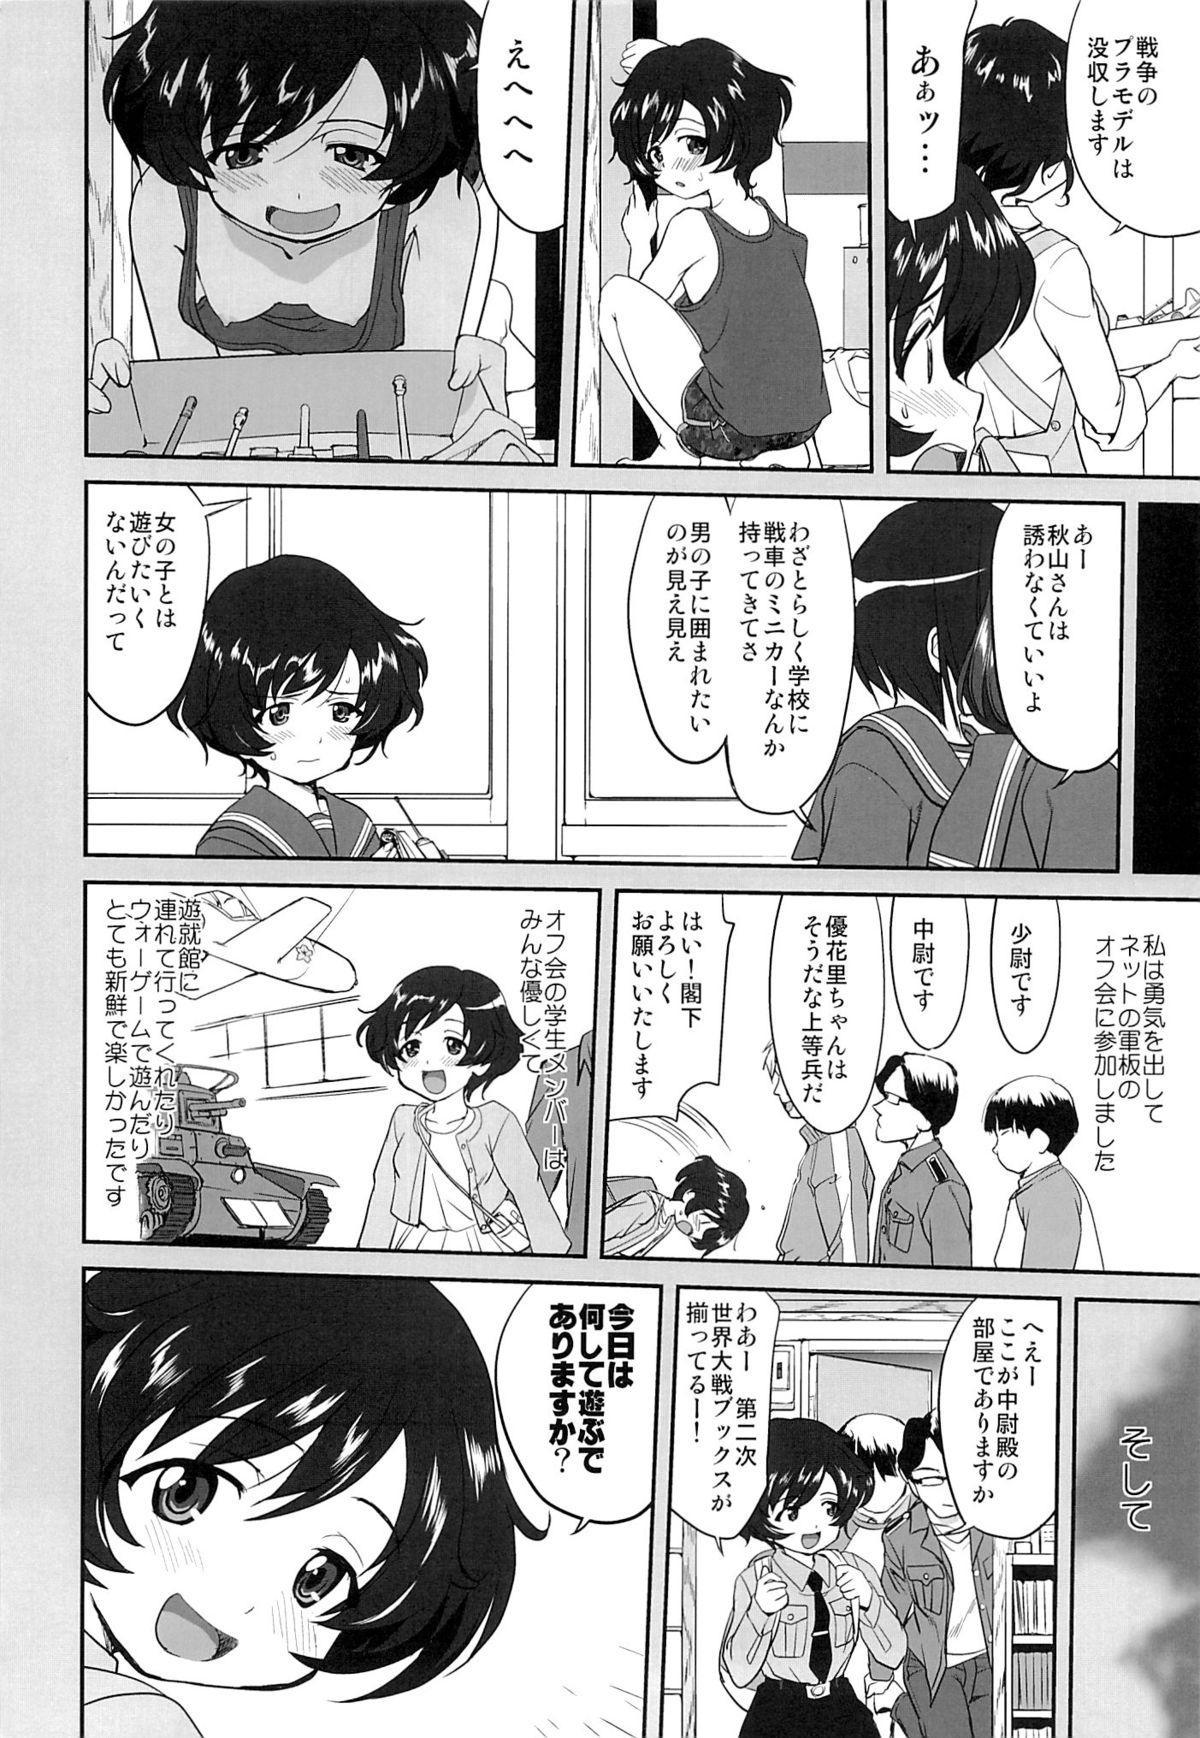 Yukiyukite Senshadou 16